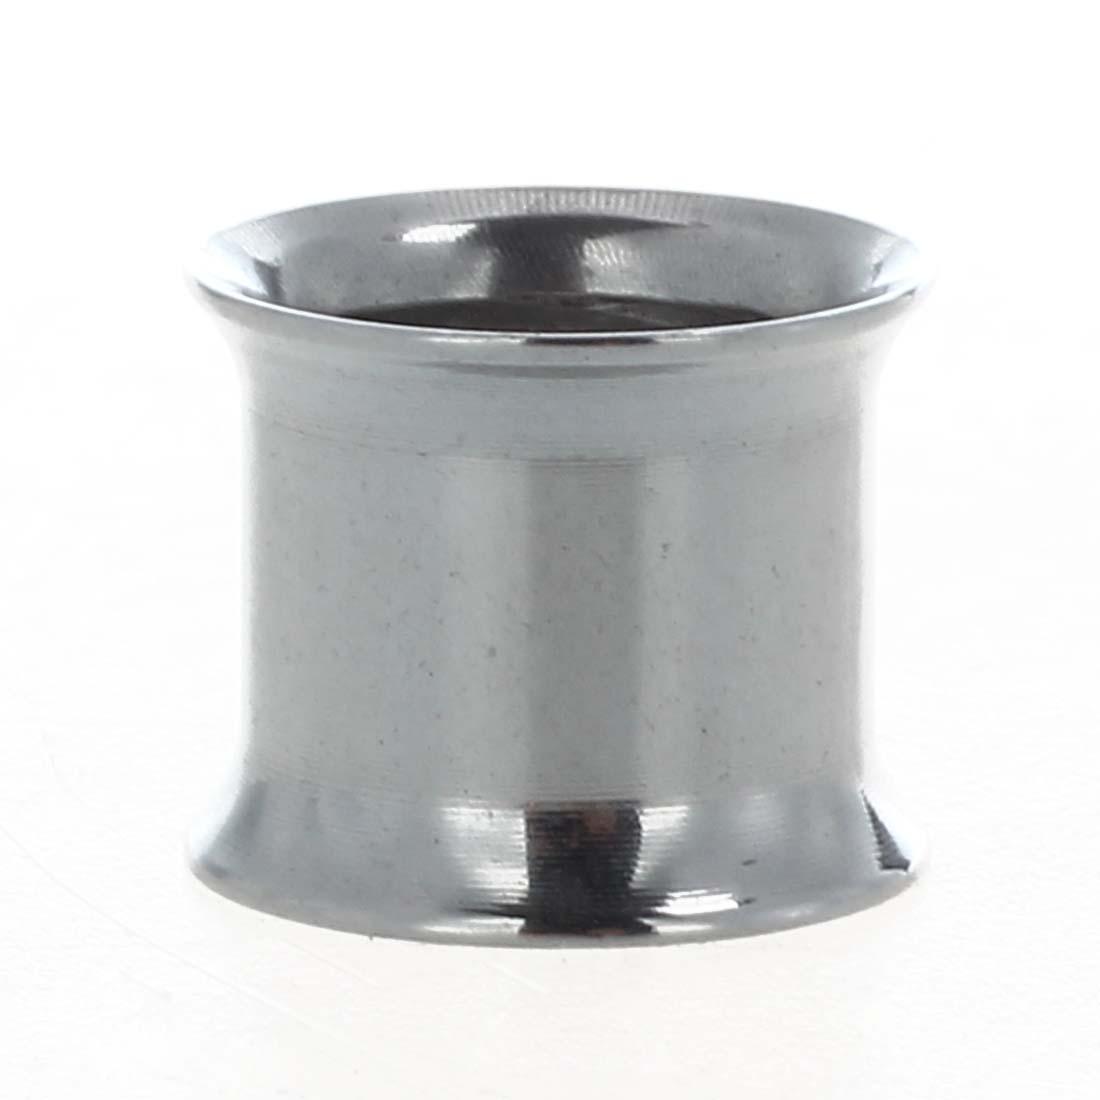 2 stuck 00 gauge 10mm edelstahl tunnel ohr plug expander bahre s1r5 ebay. Black Bedroom Furniture Sets. Home Design Ideas